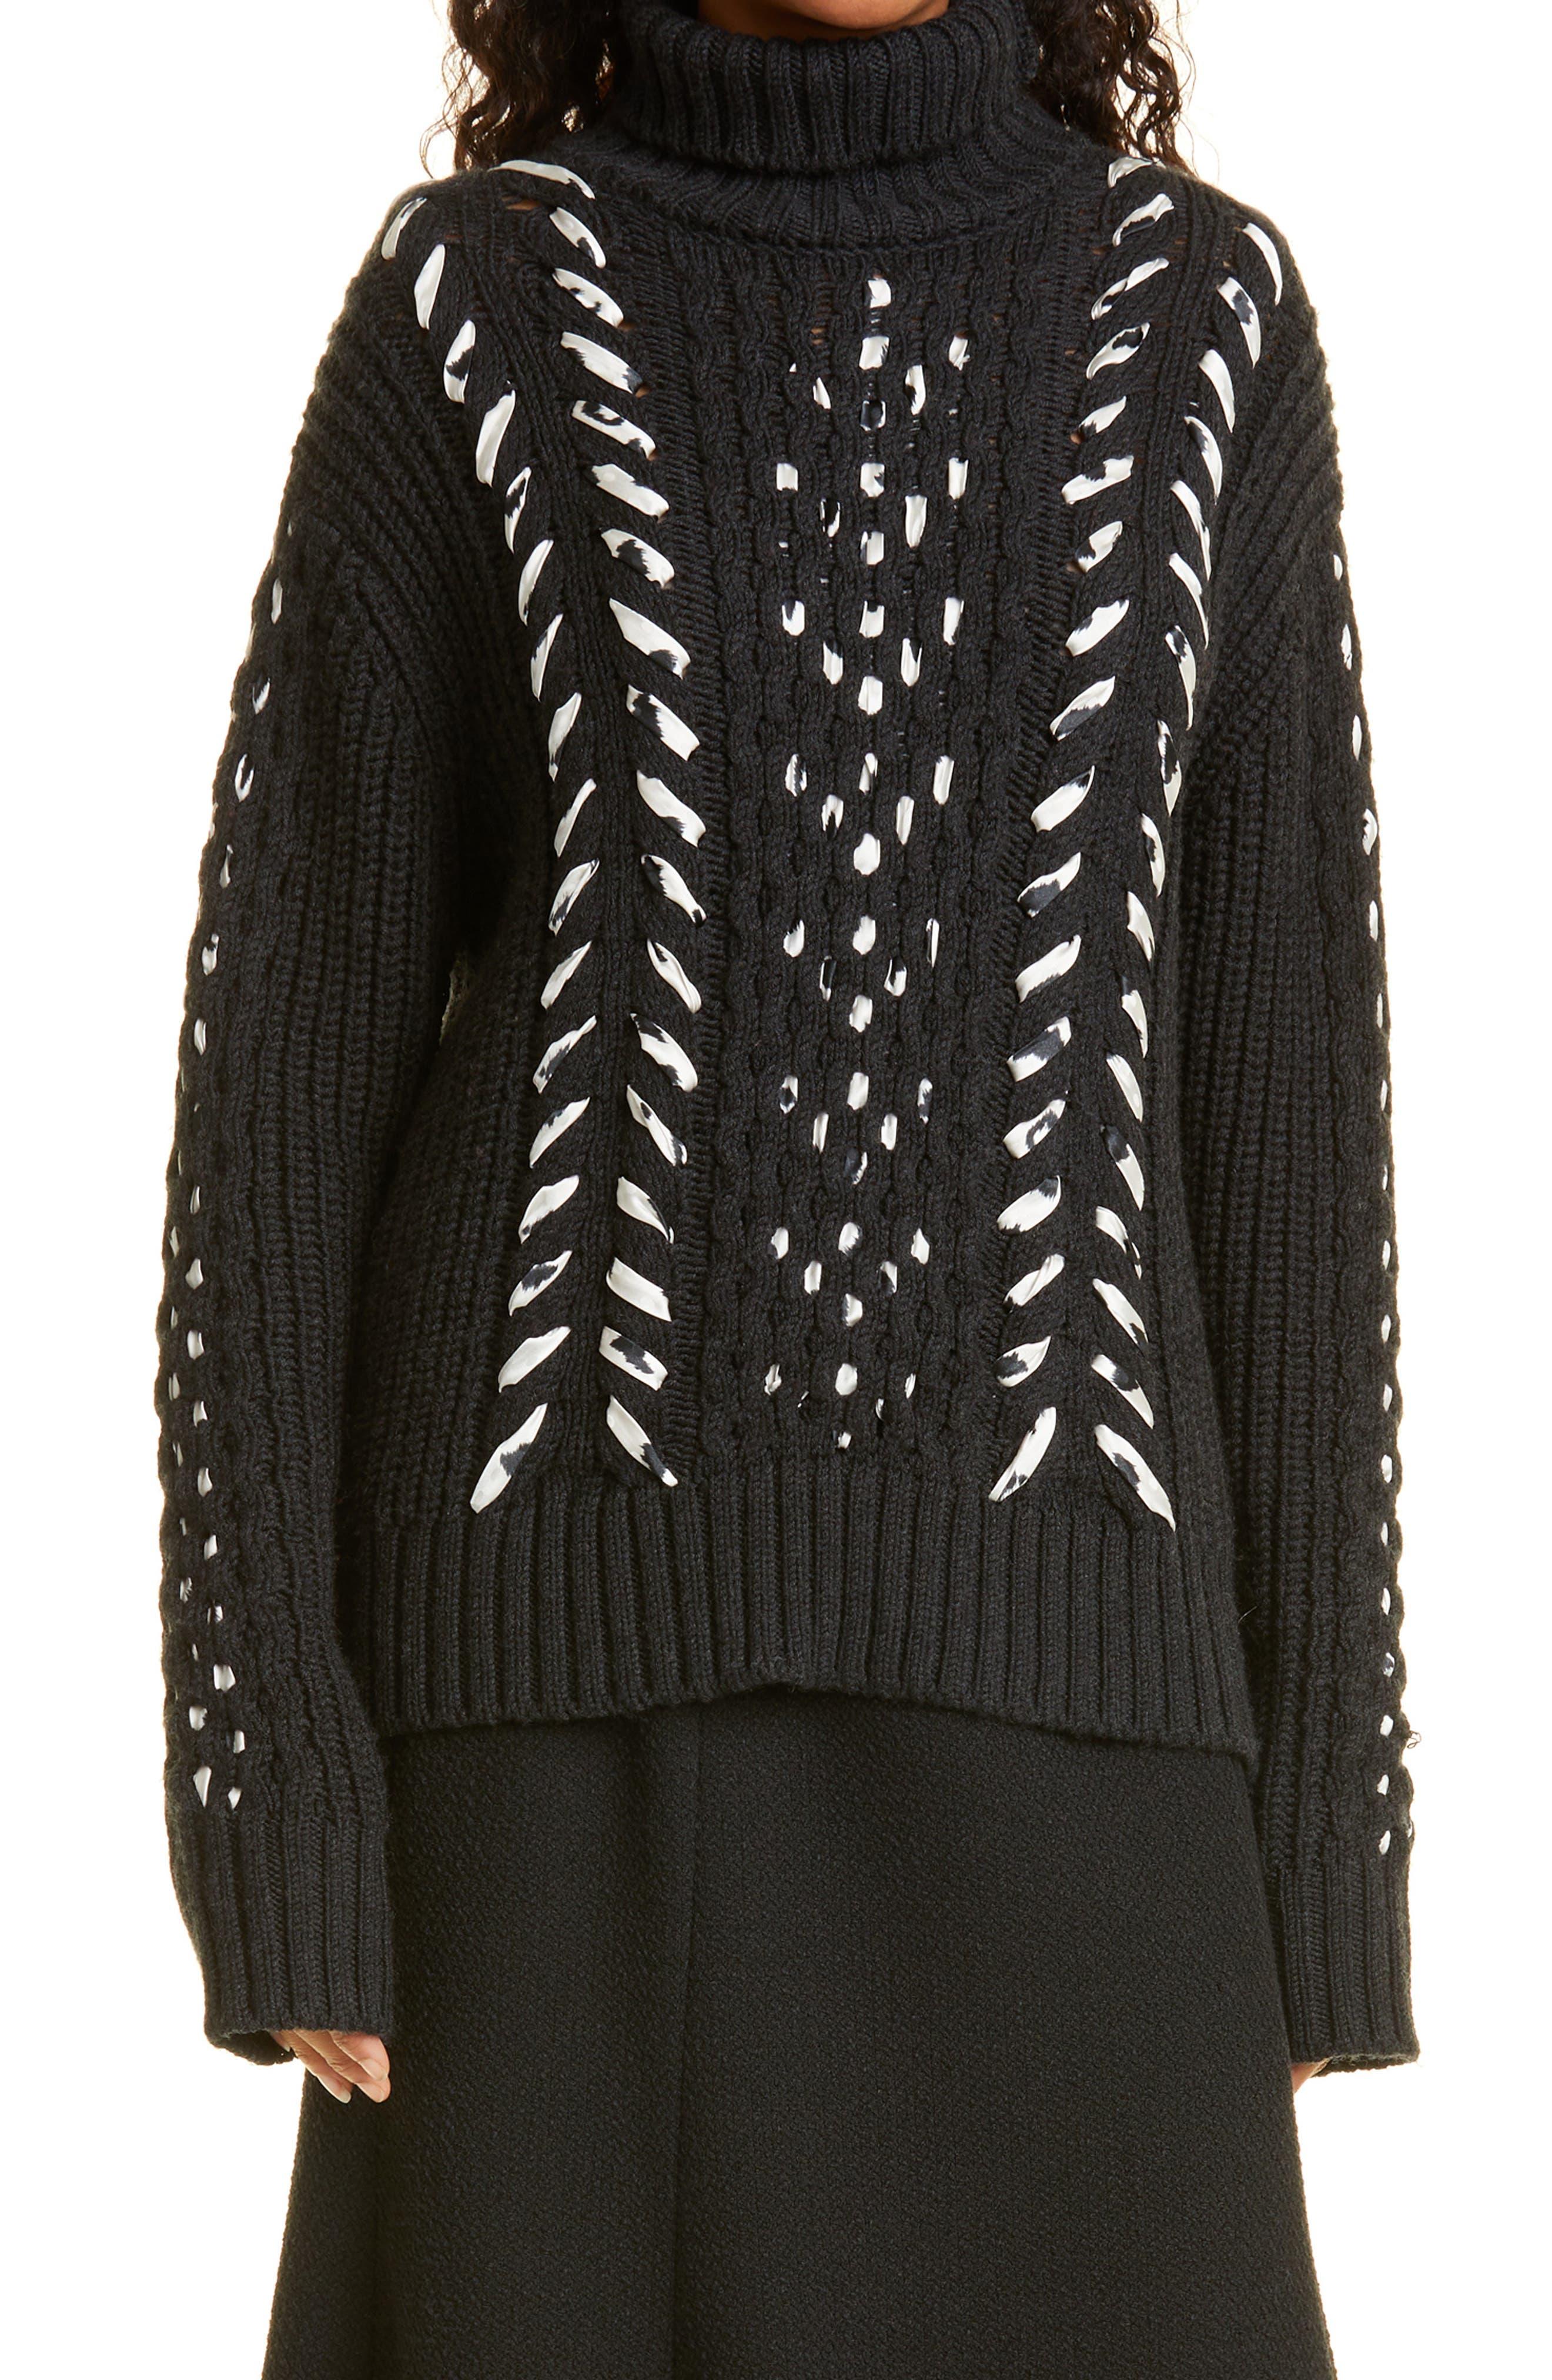 Women's Jason Wu Merino Wool Turtleneck Sweater